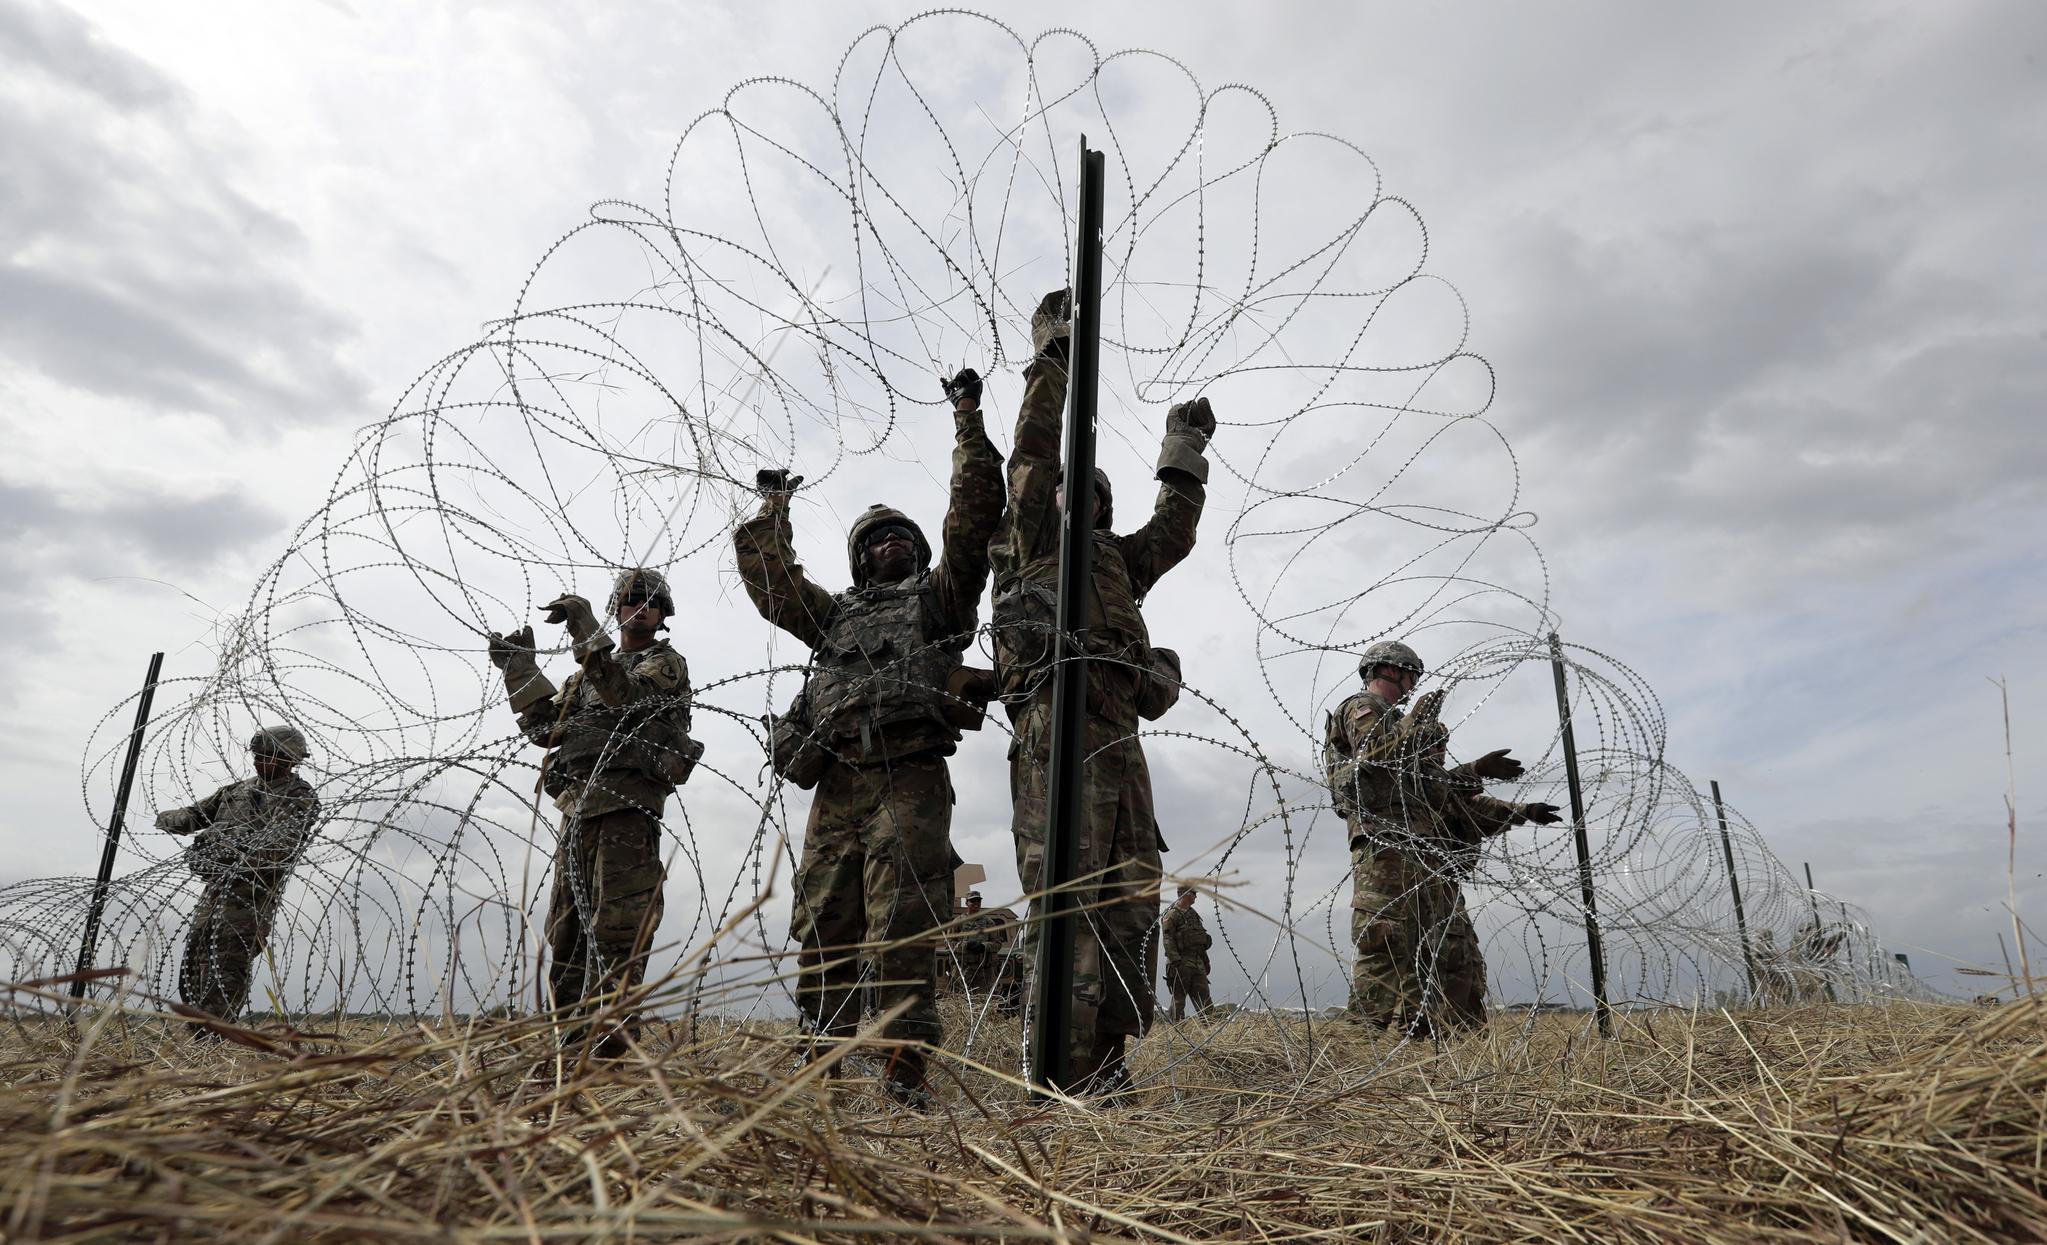 미군이 4일(현지시간) 미국-멕시코 국경 인근인 텍사스 도나에서 국방부와 세관 국경 보호국을 위한 캠프 주변에 가시 철조망을 설치하고 있다. [AP=연합뉴스]